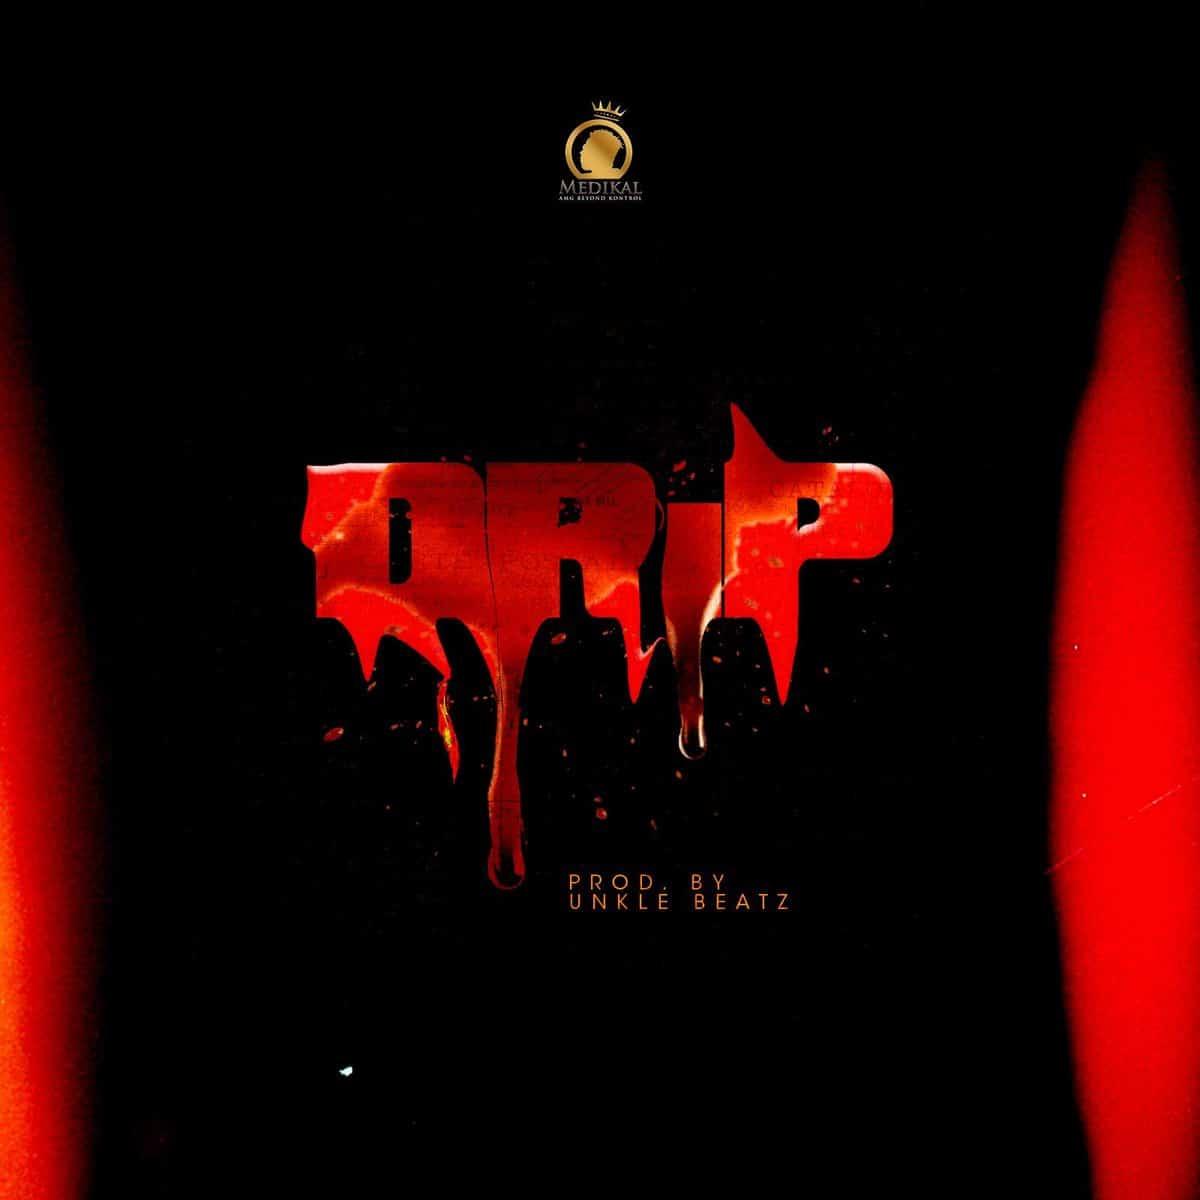 Medikal – Drip (feat. Joey B & Kofi Mole) (Prod. By Unkle Beatz)